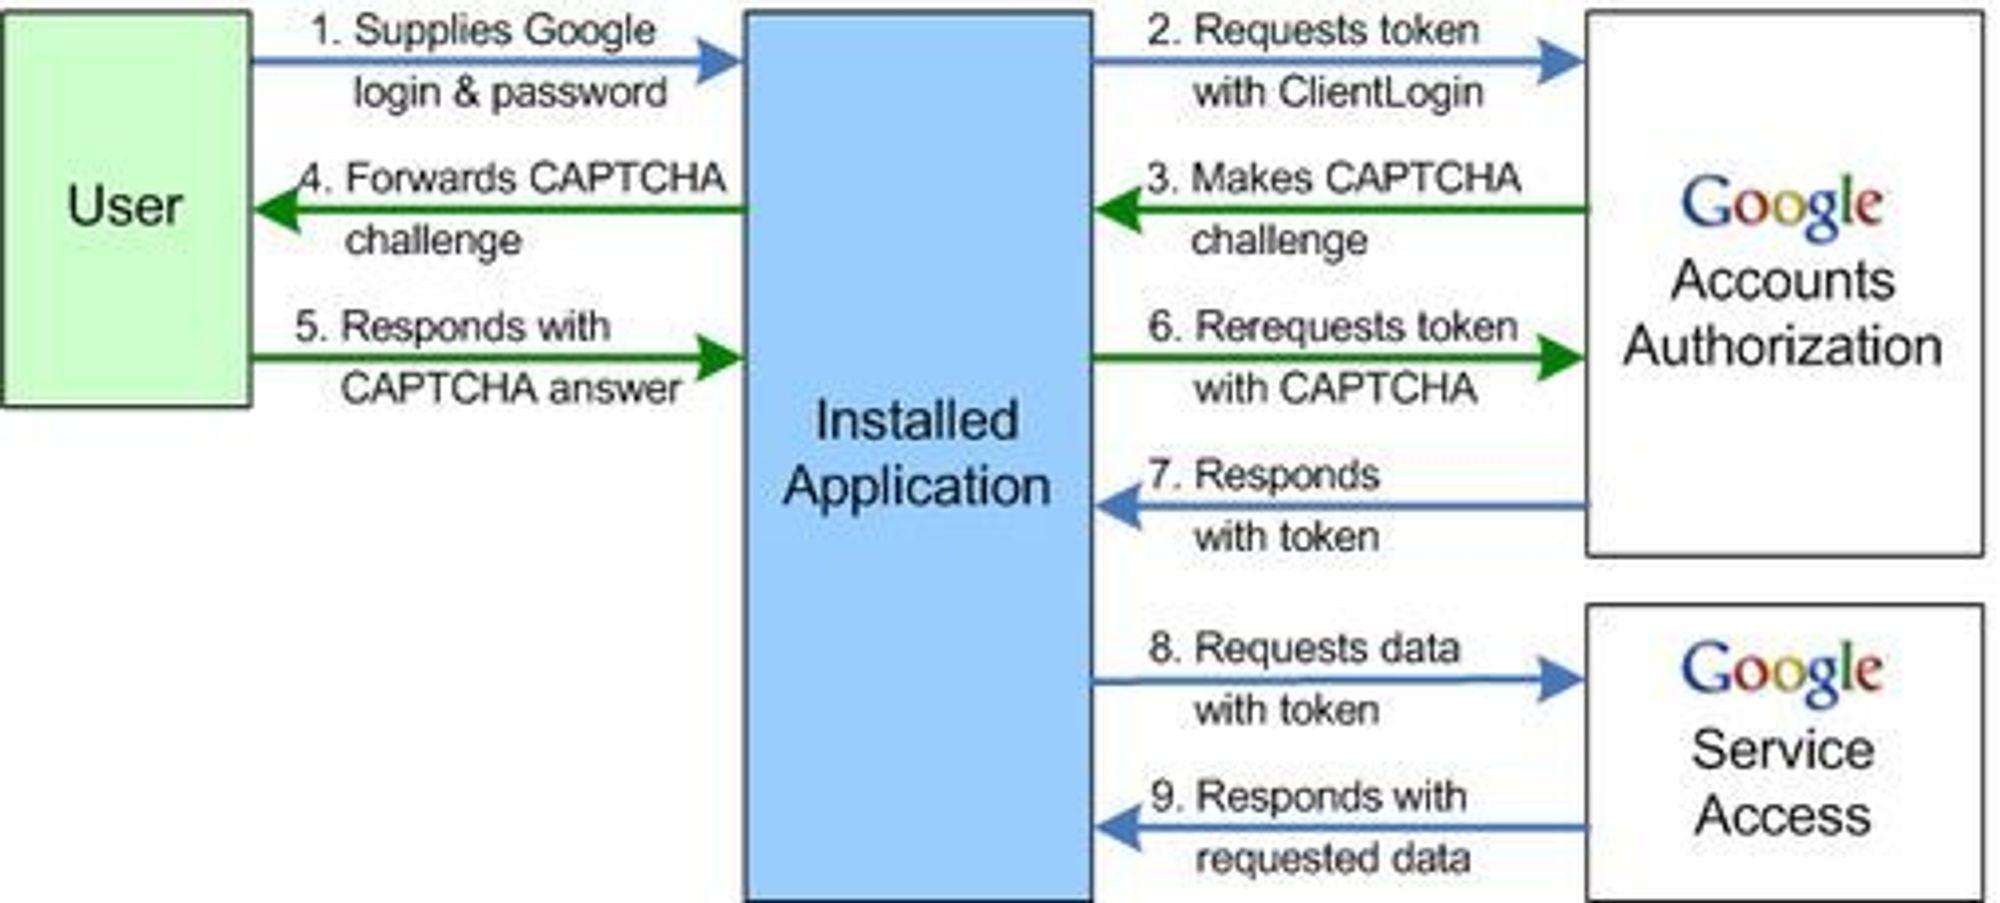 Autoriseringsprosessen til Google ClientLogin. Det er forbindelsen som er merket 7. som er problemet.